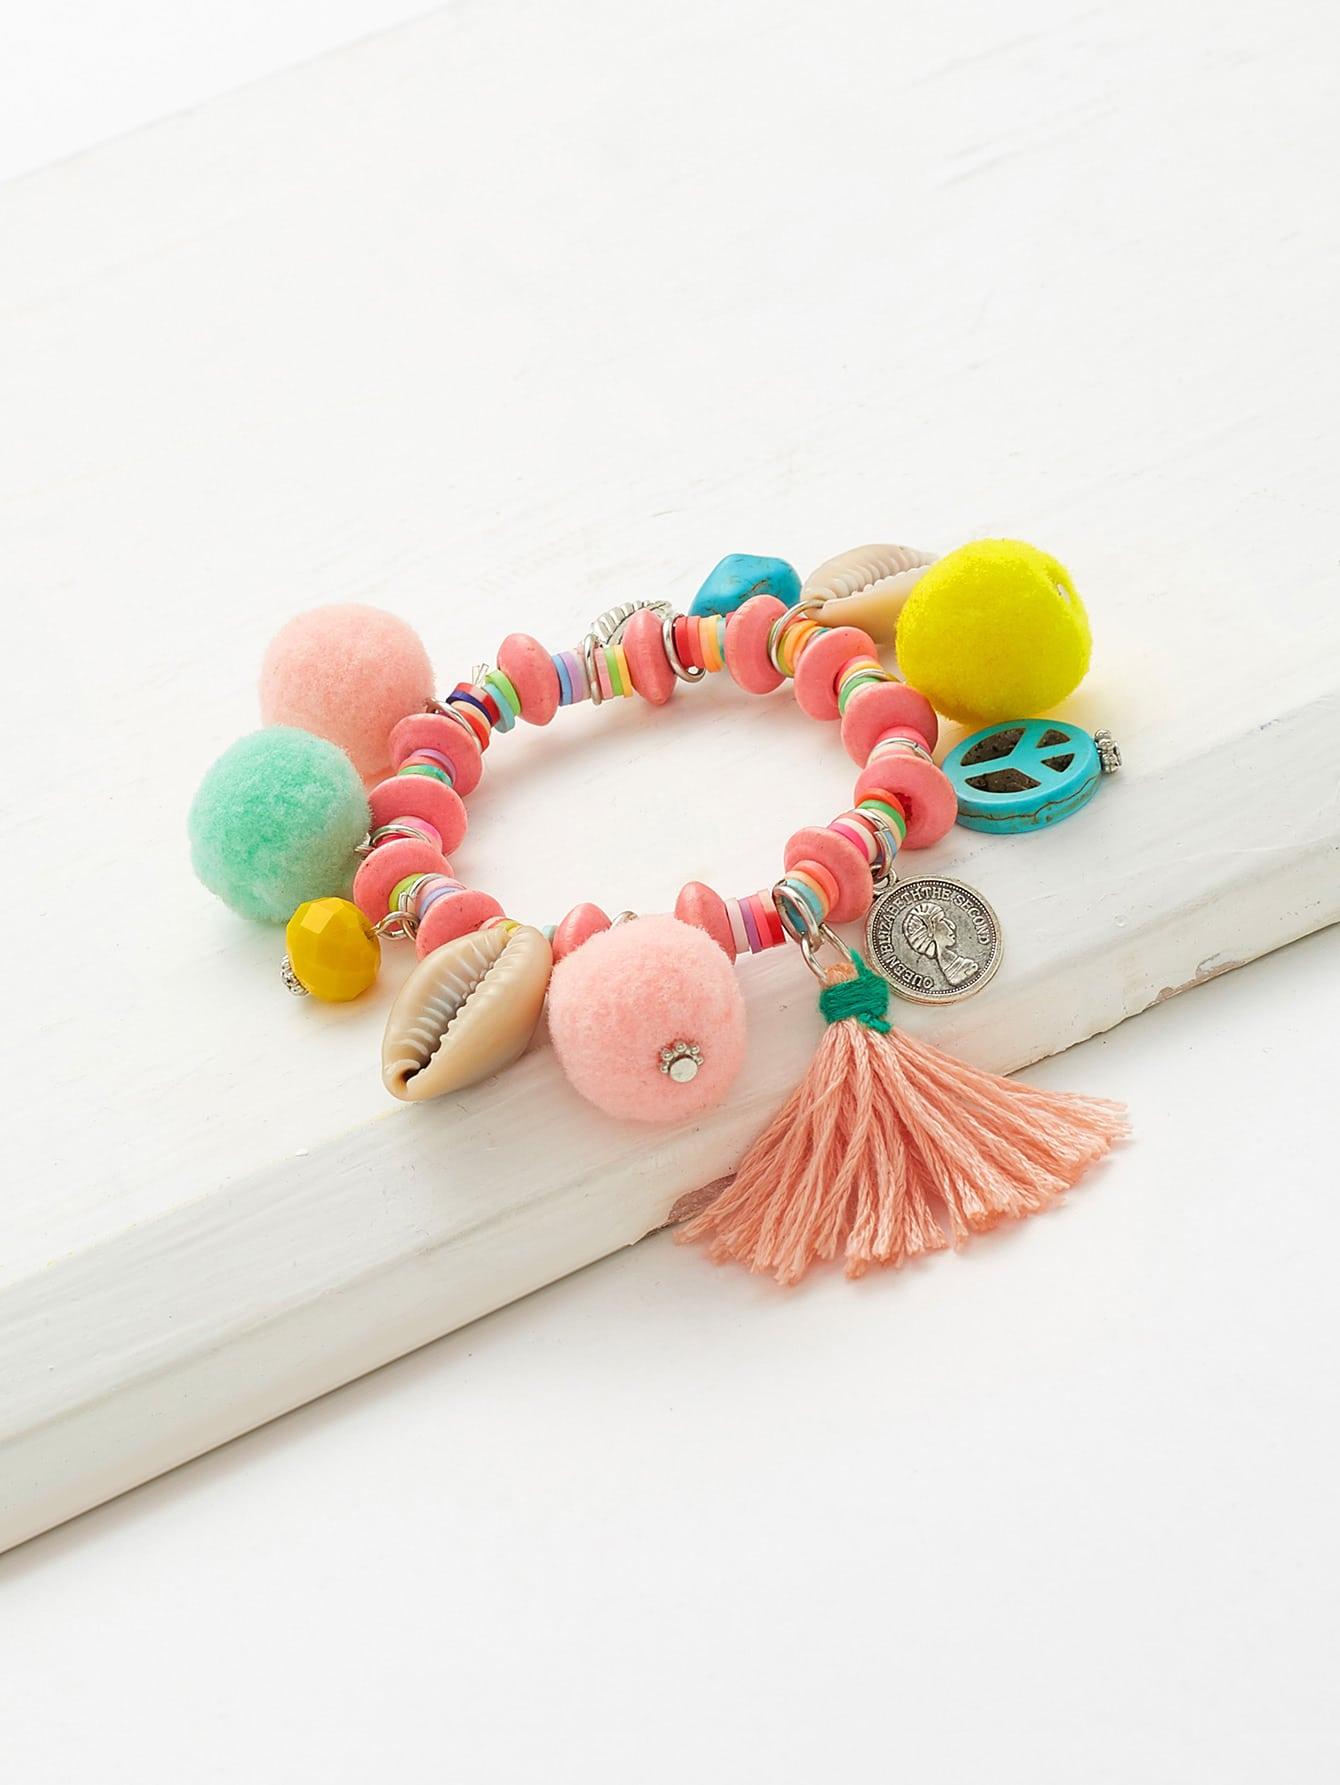 Pom Pom & Tassel Decorated Charm Bracelet